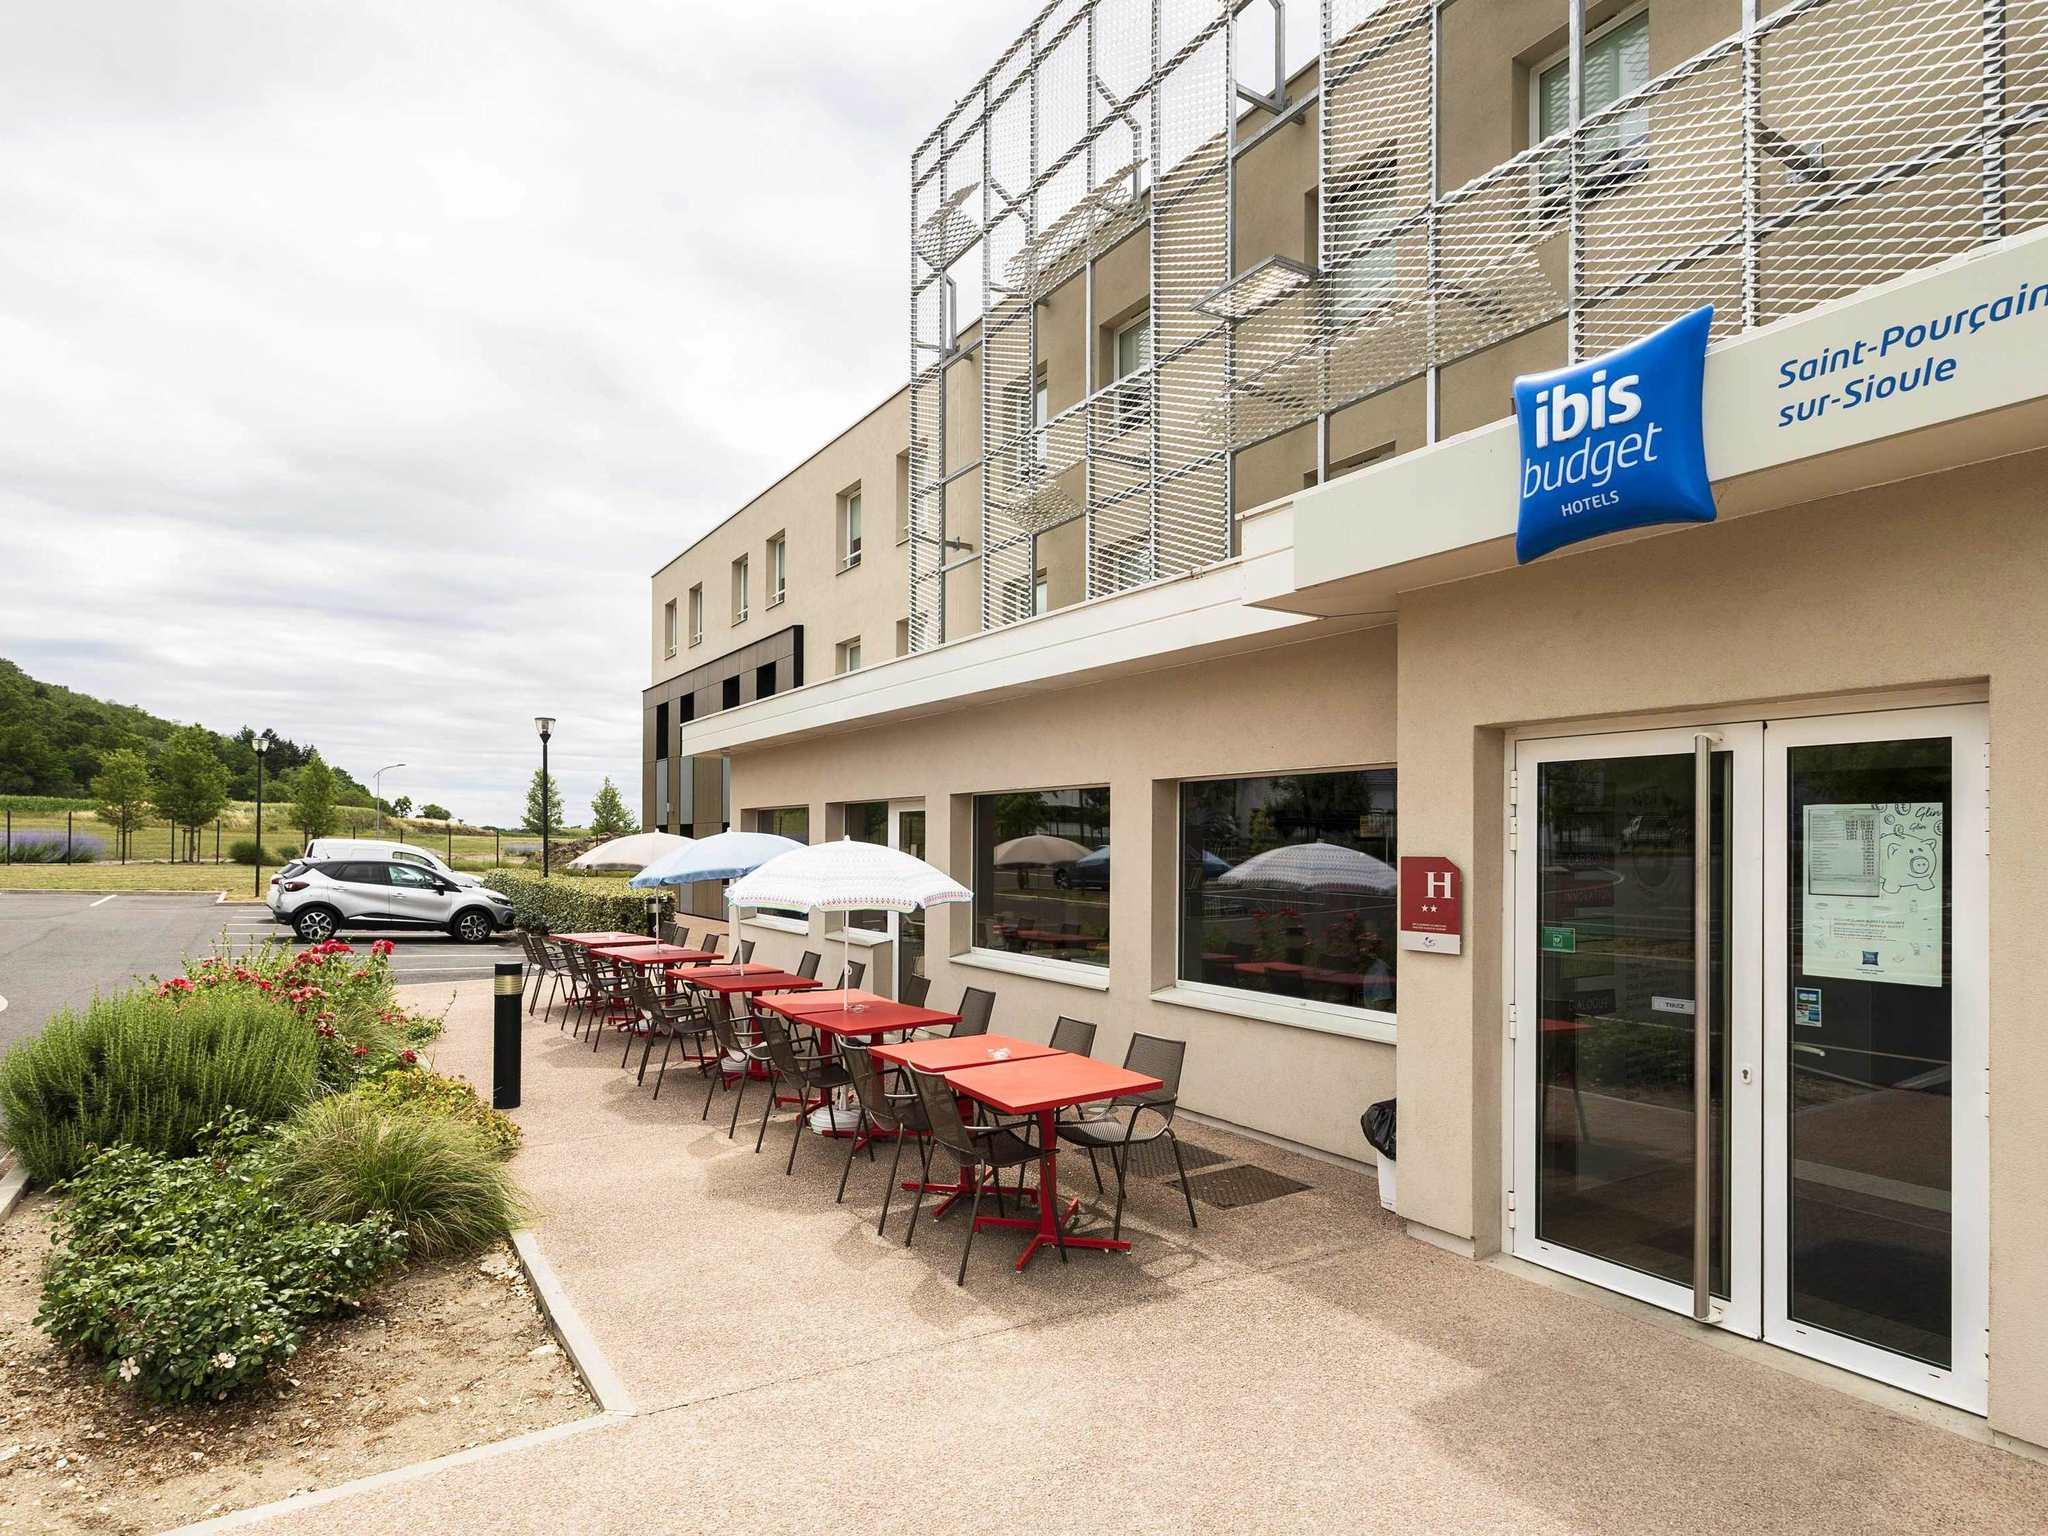 Отель — ibis budget Saint-Pourçain-sur-Sioule